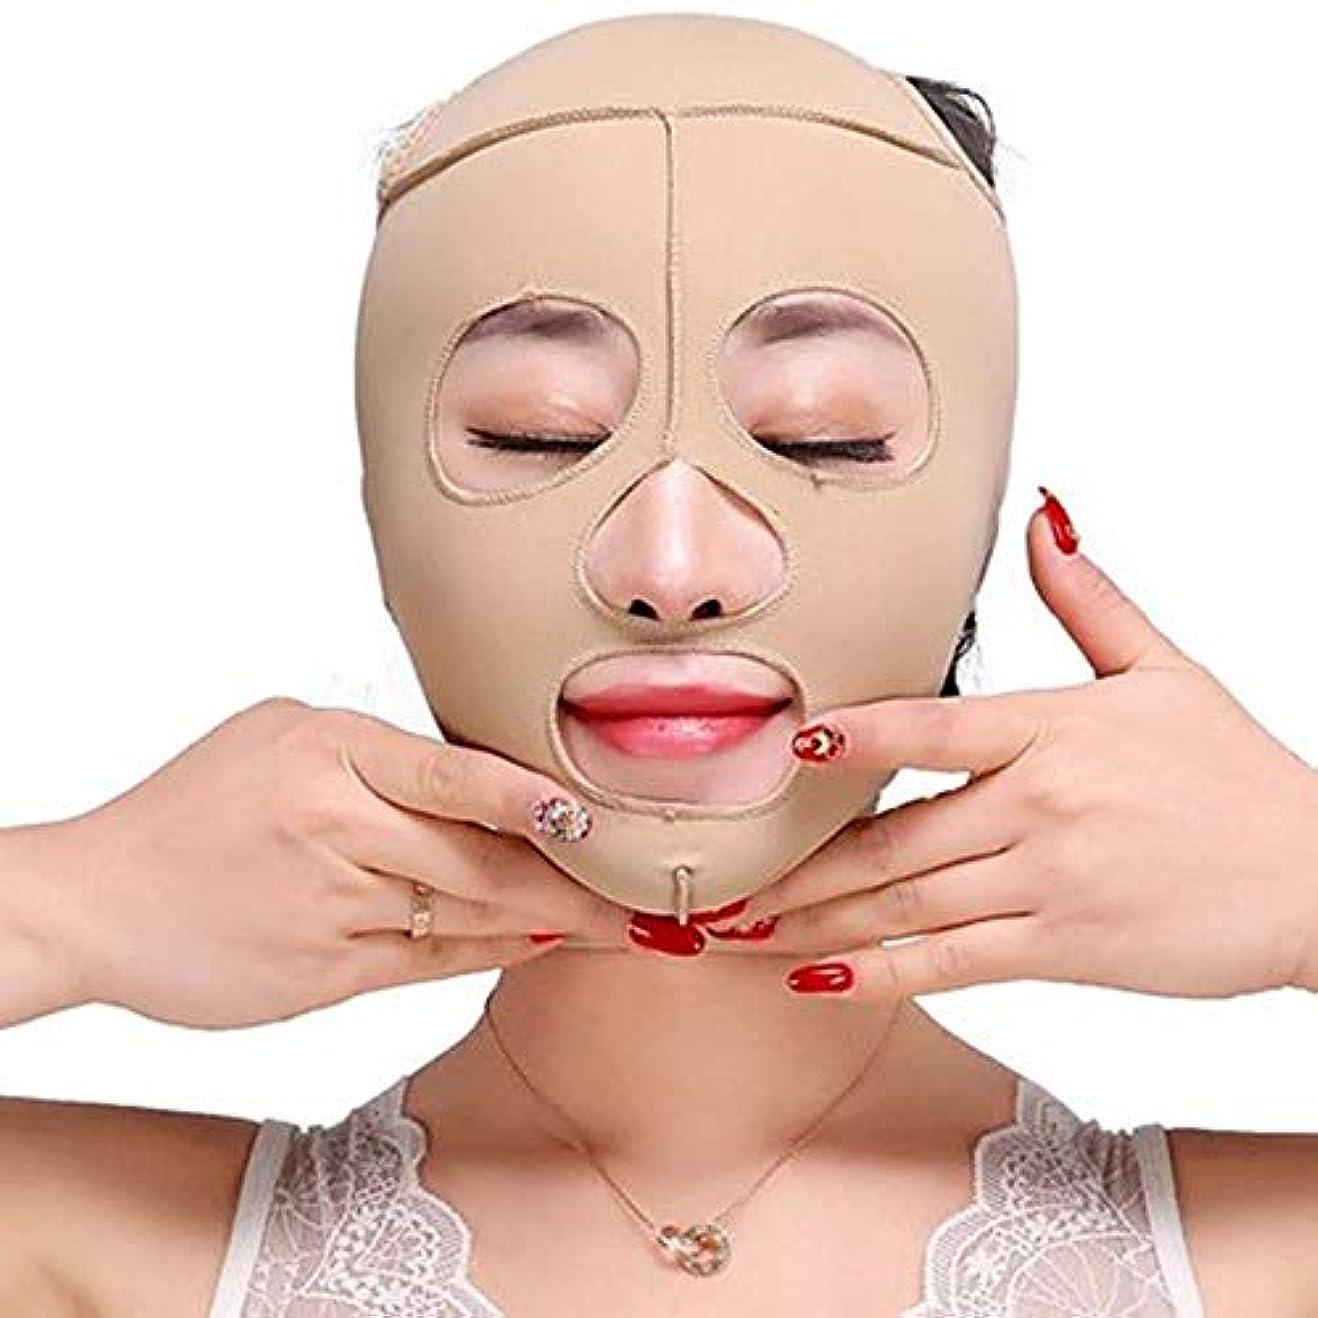 見かけ上すみませんファイル美容と実用的なVフェイスマスク、フェイシャルフェイスシンフェイス、ダブルチンシンフェイスバンデージ(サイズ:L)